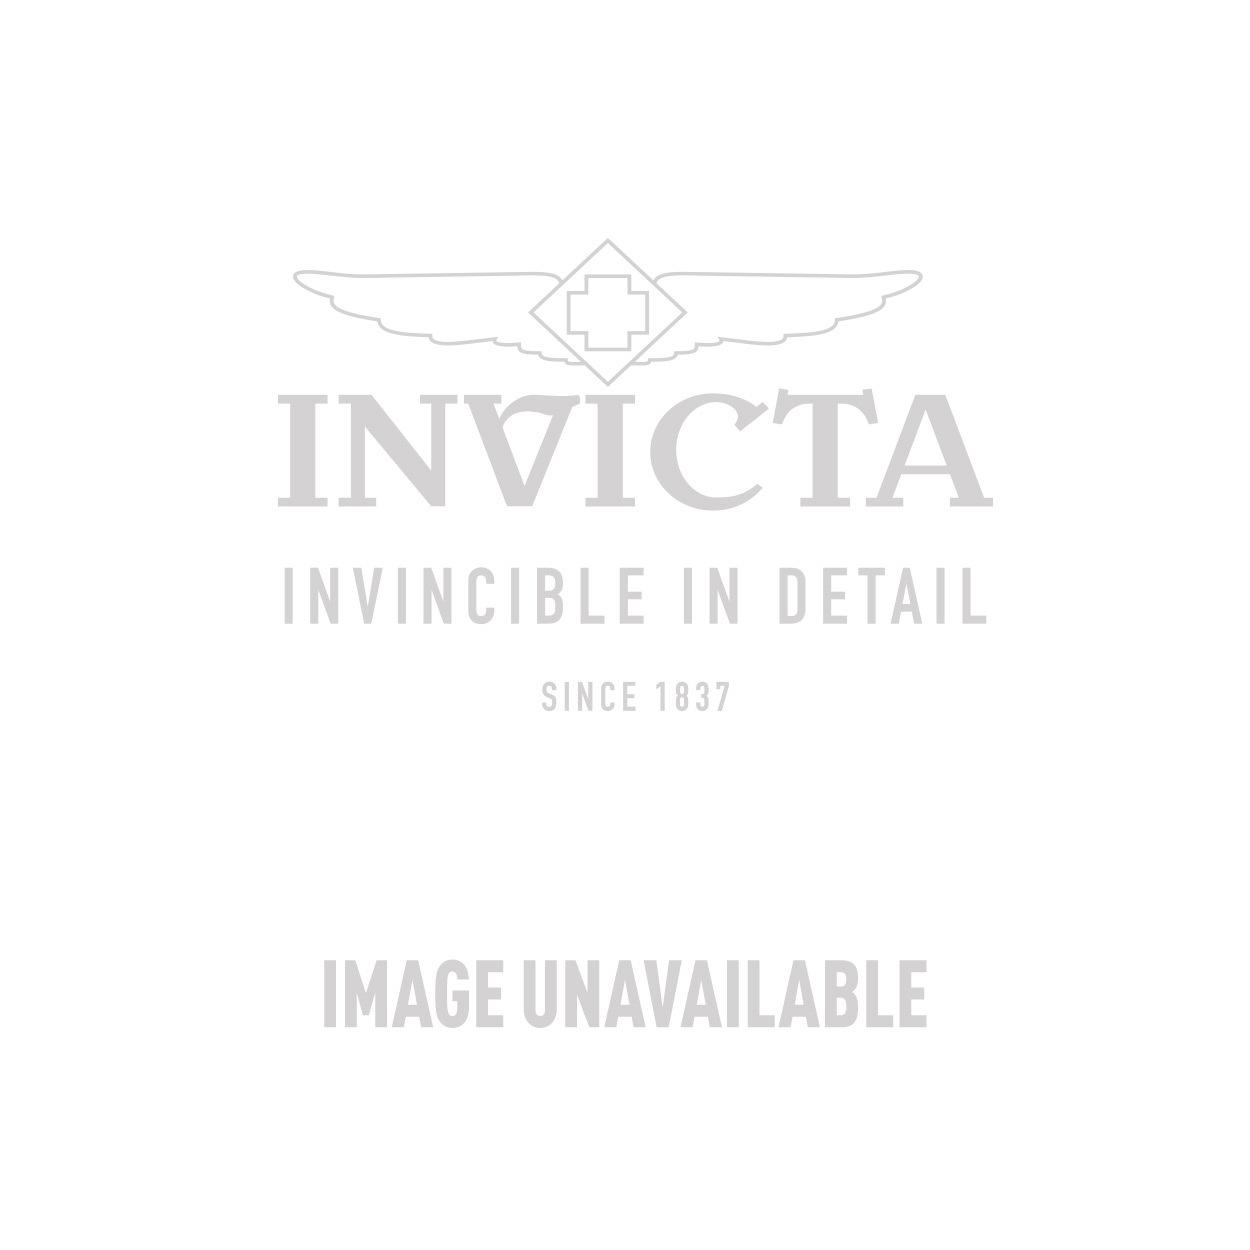 Invicta Model 26783